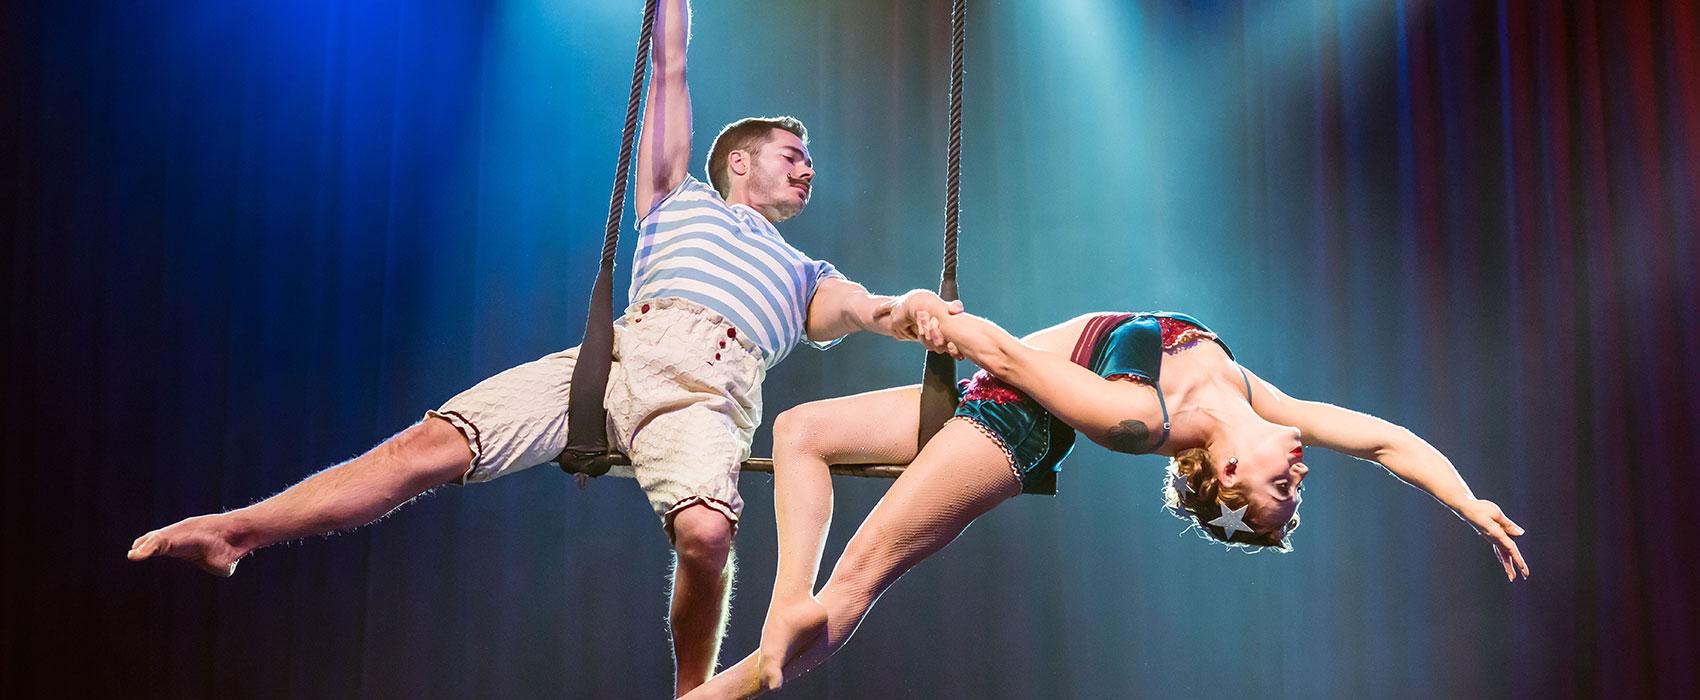 Cirque Mechanics acrobats dancing in air